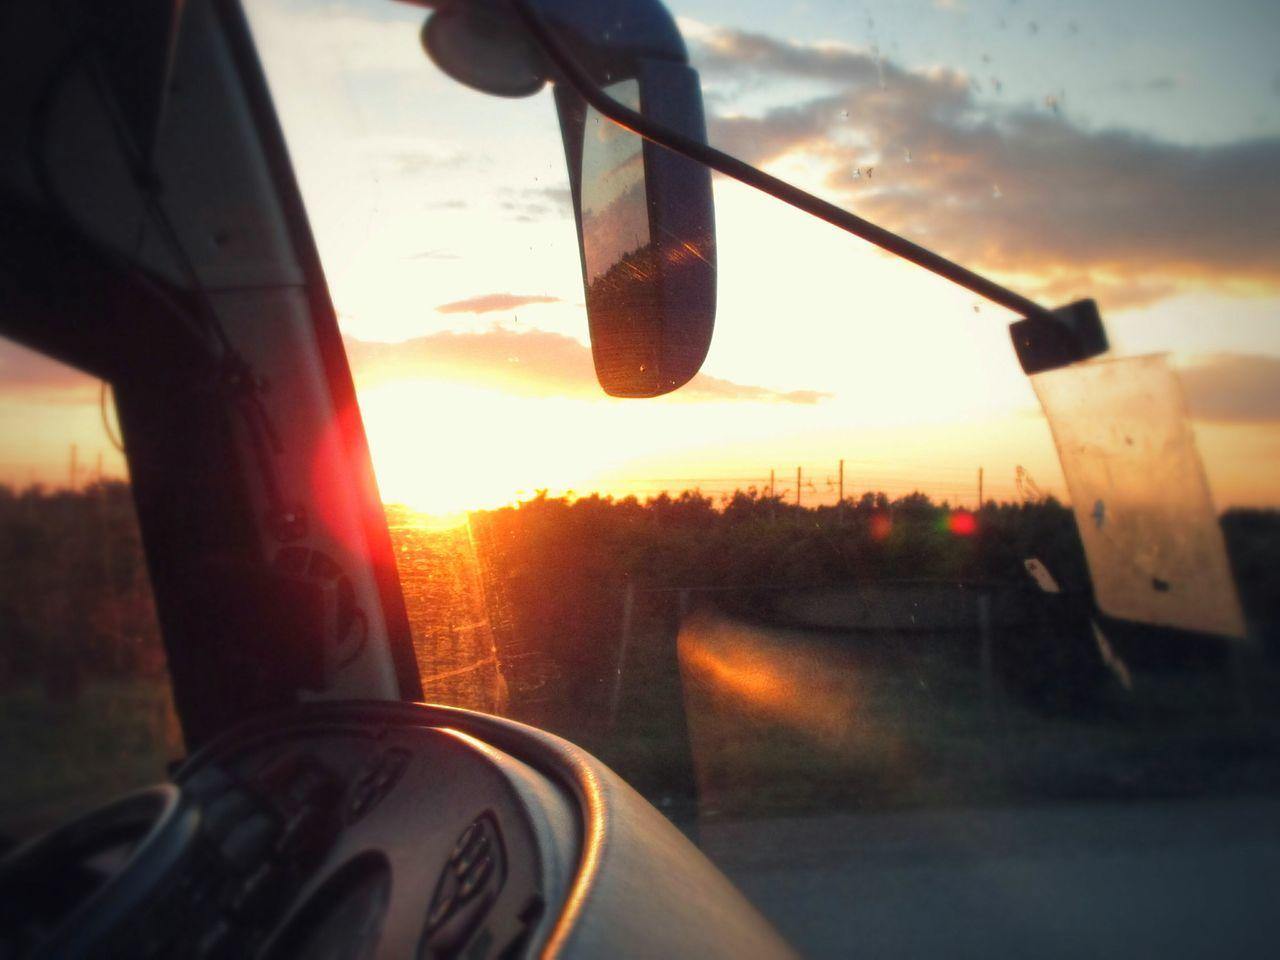 Continuo ancora a chiedermi quale sarà l'ultimo sole che tramonterà sul mio ultimo viaggio. Traveling Bus Sunset Silhouettes Canonixus The Road Goes On Forever